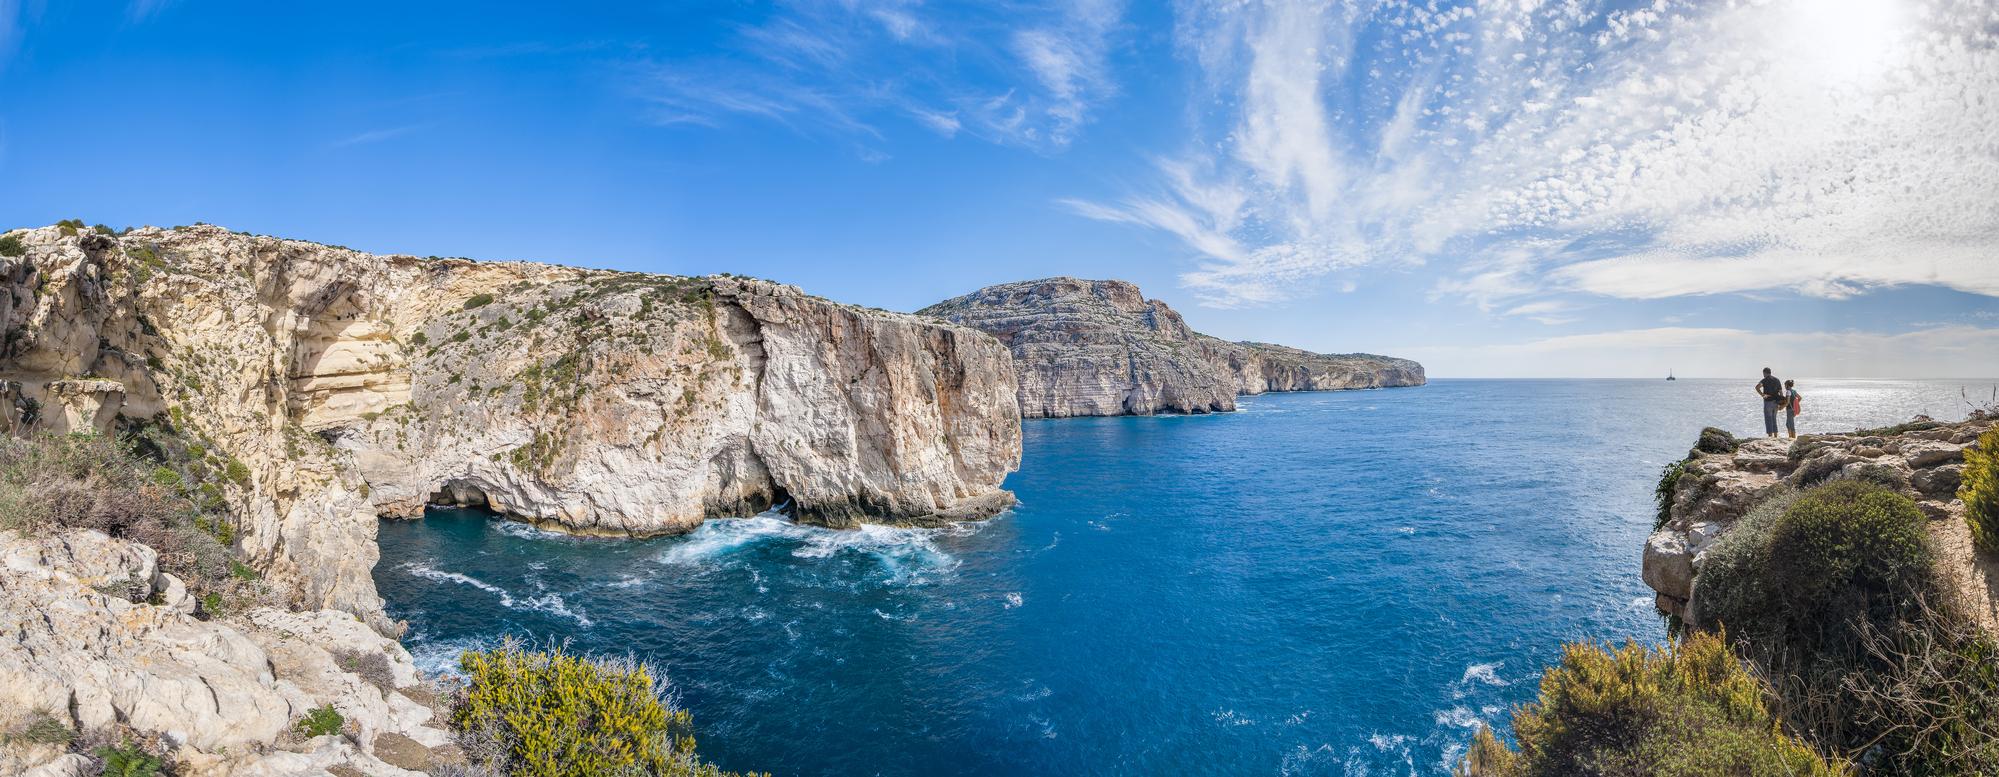 Malta Hiking Itinerary.jpg